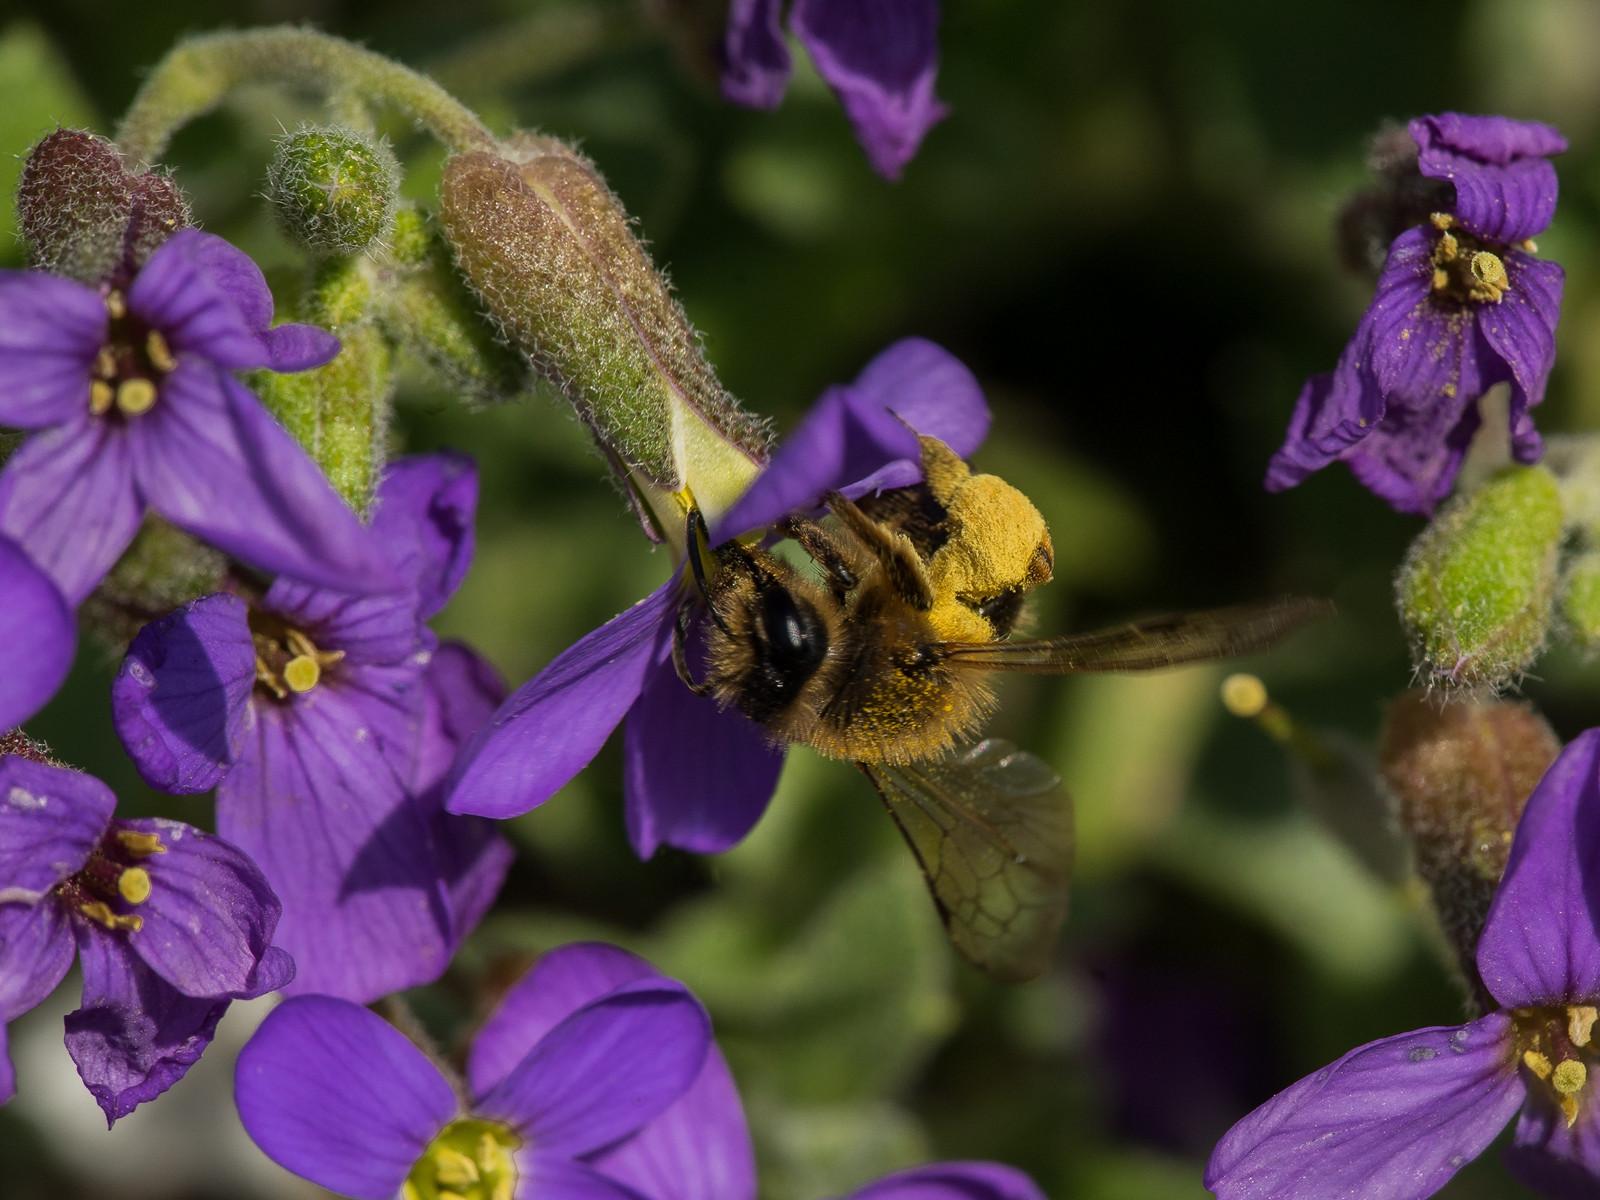 Rotschopfige Sandbiene voll mit Pollen auf einer Blüte